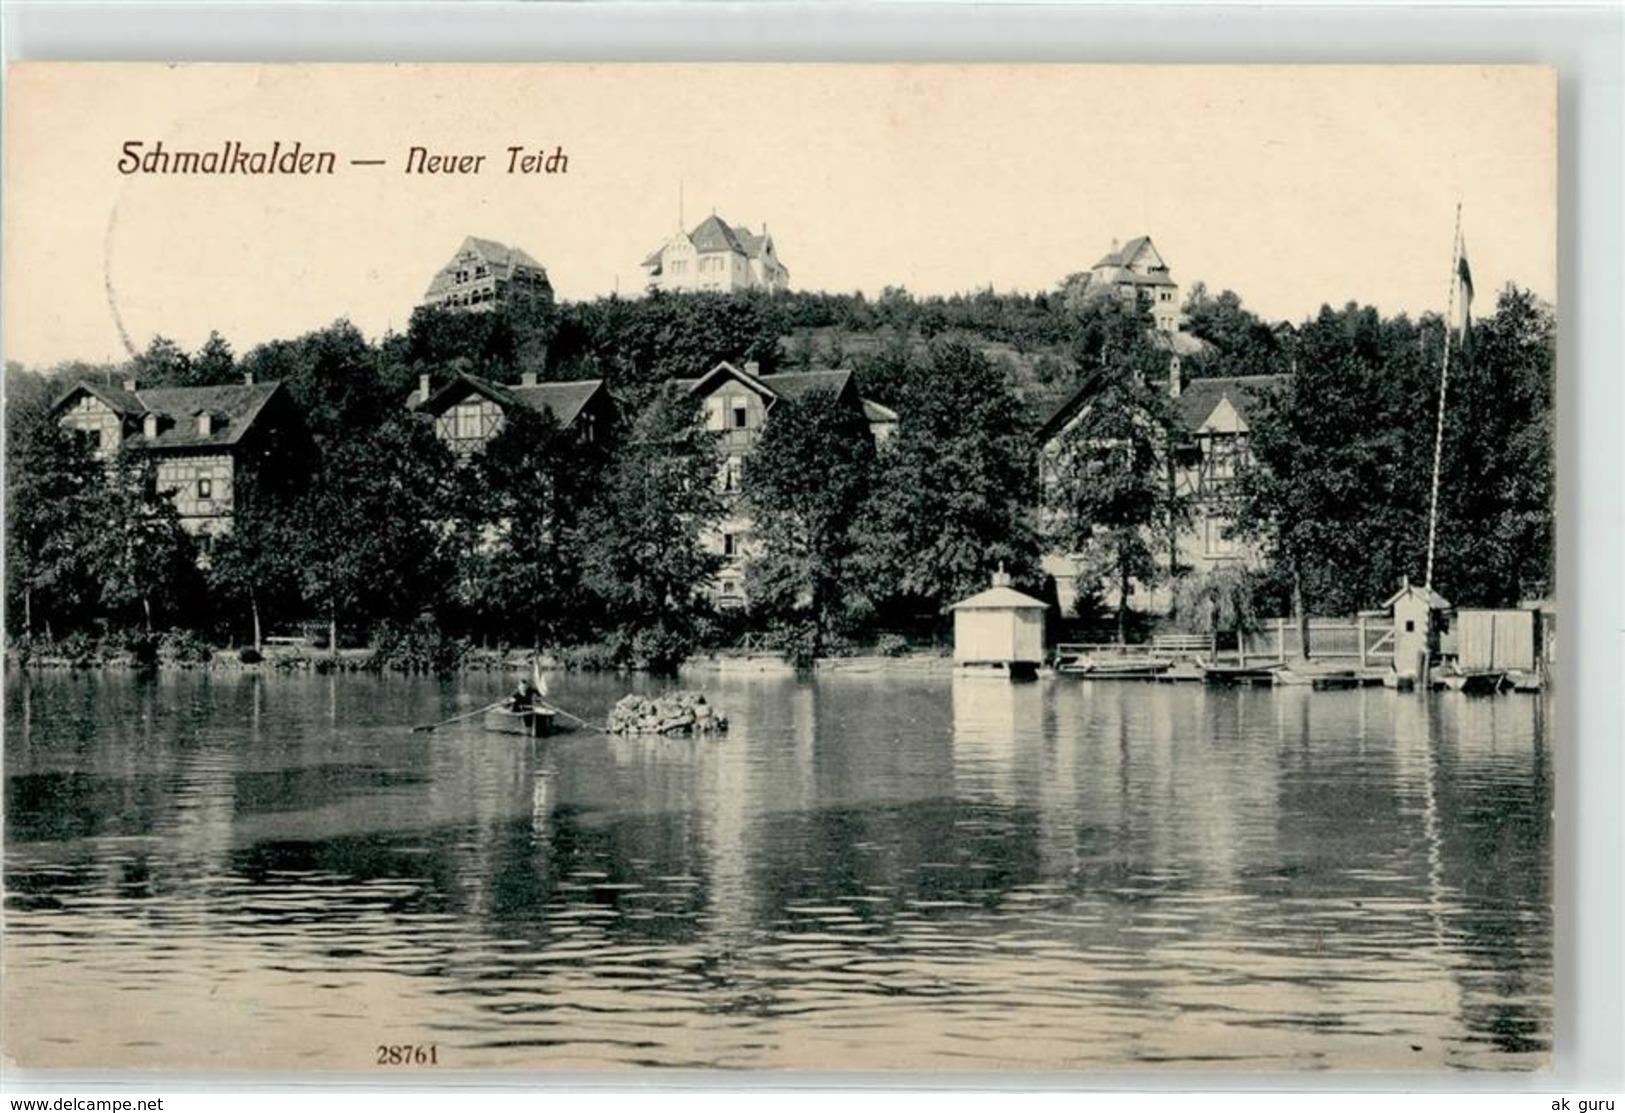 52373174 - Schmalkalden - Schmalkalden